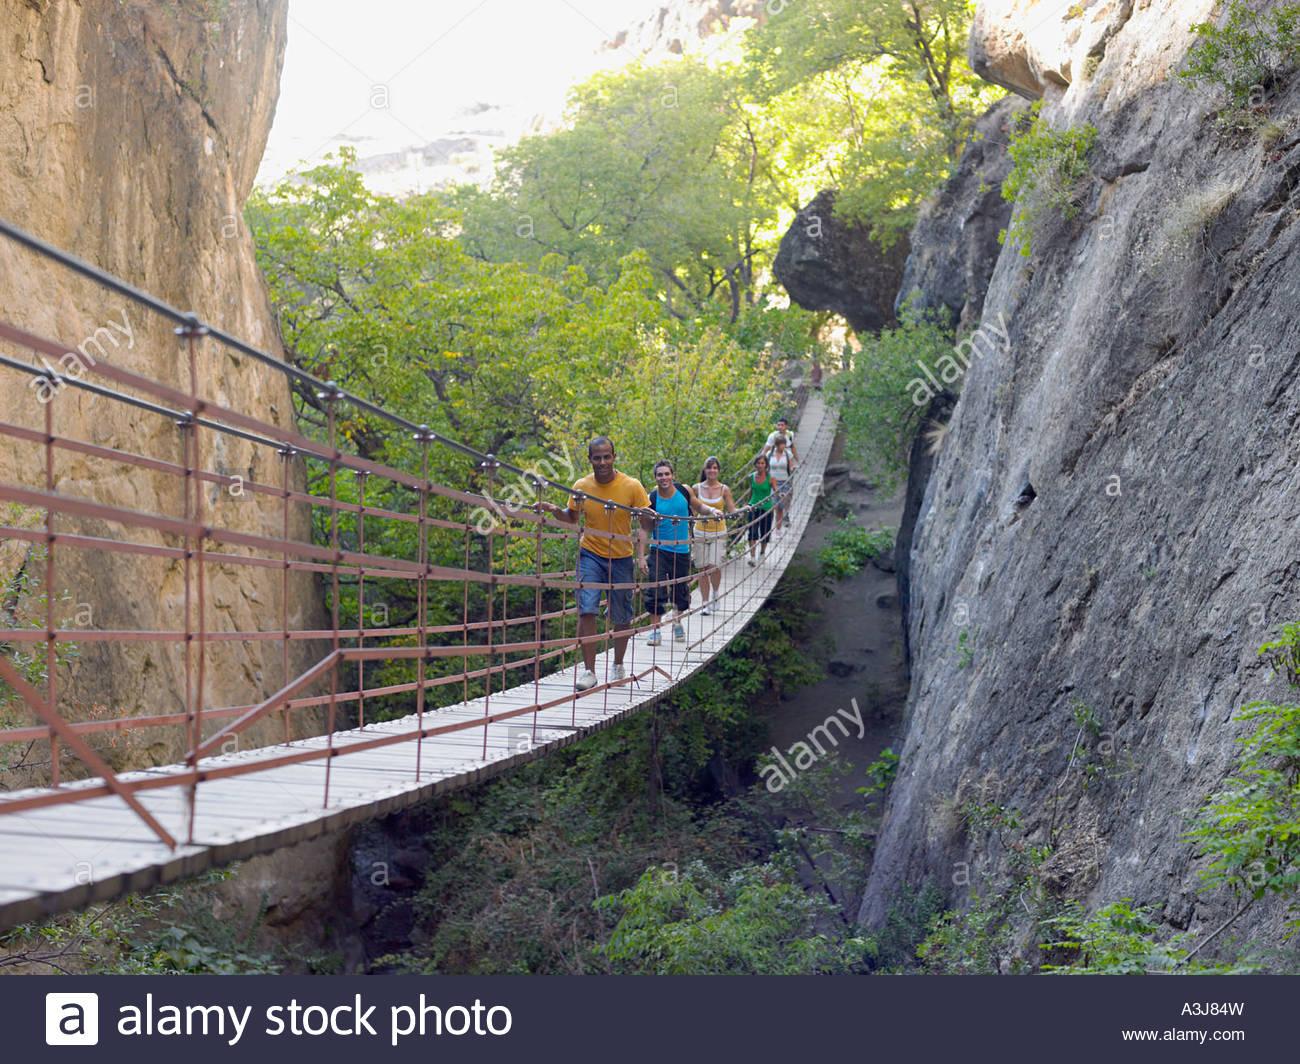 Group of teenagers walking across bridge Stock Photo